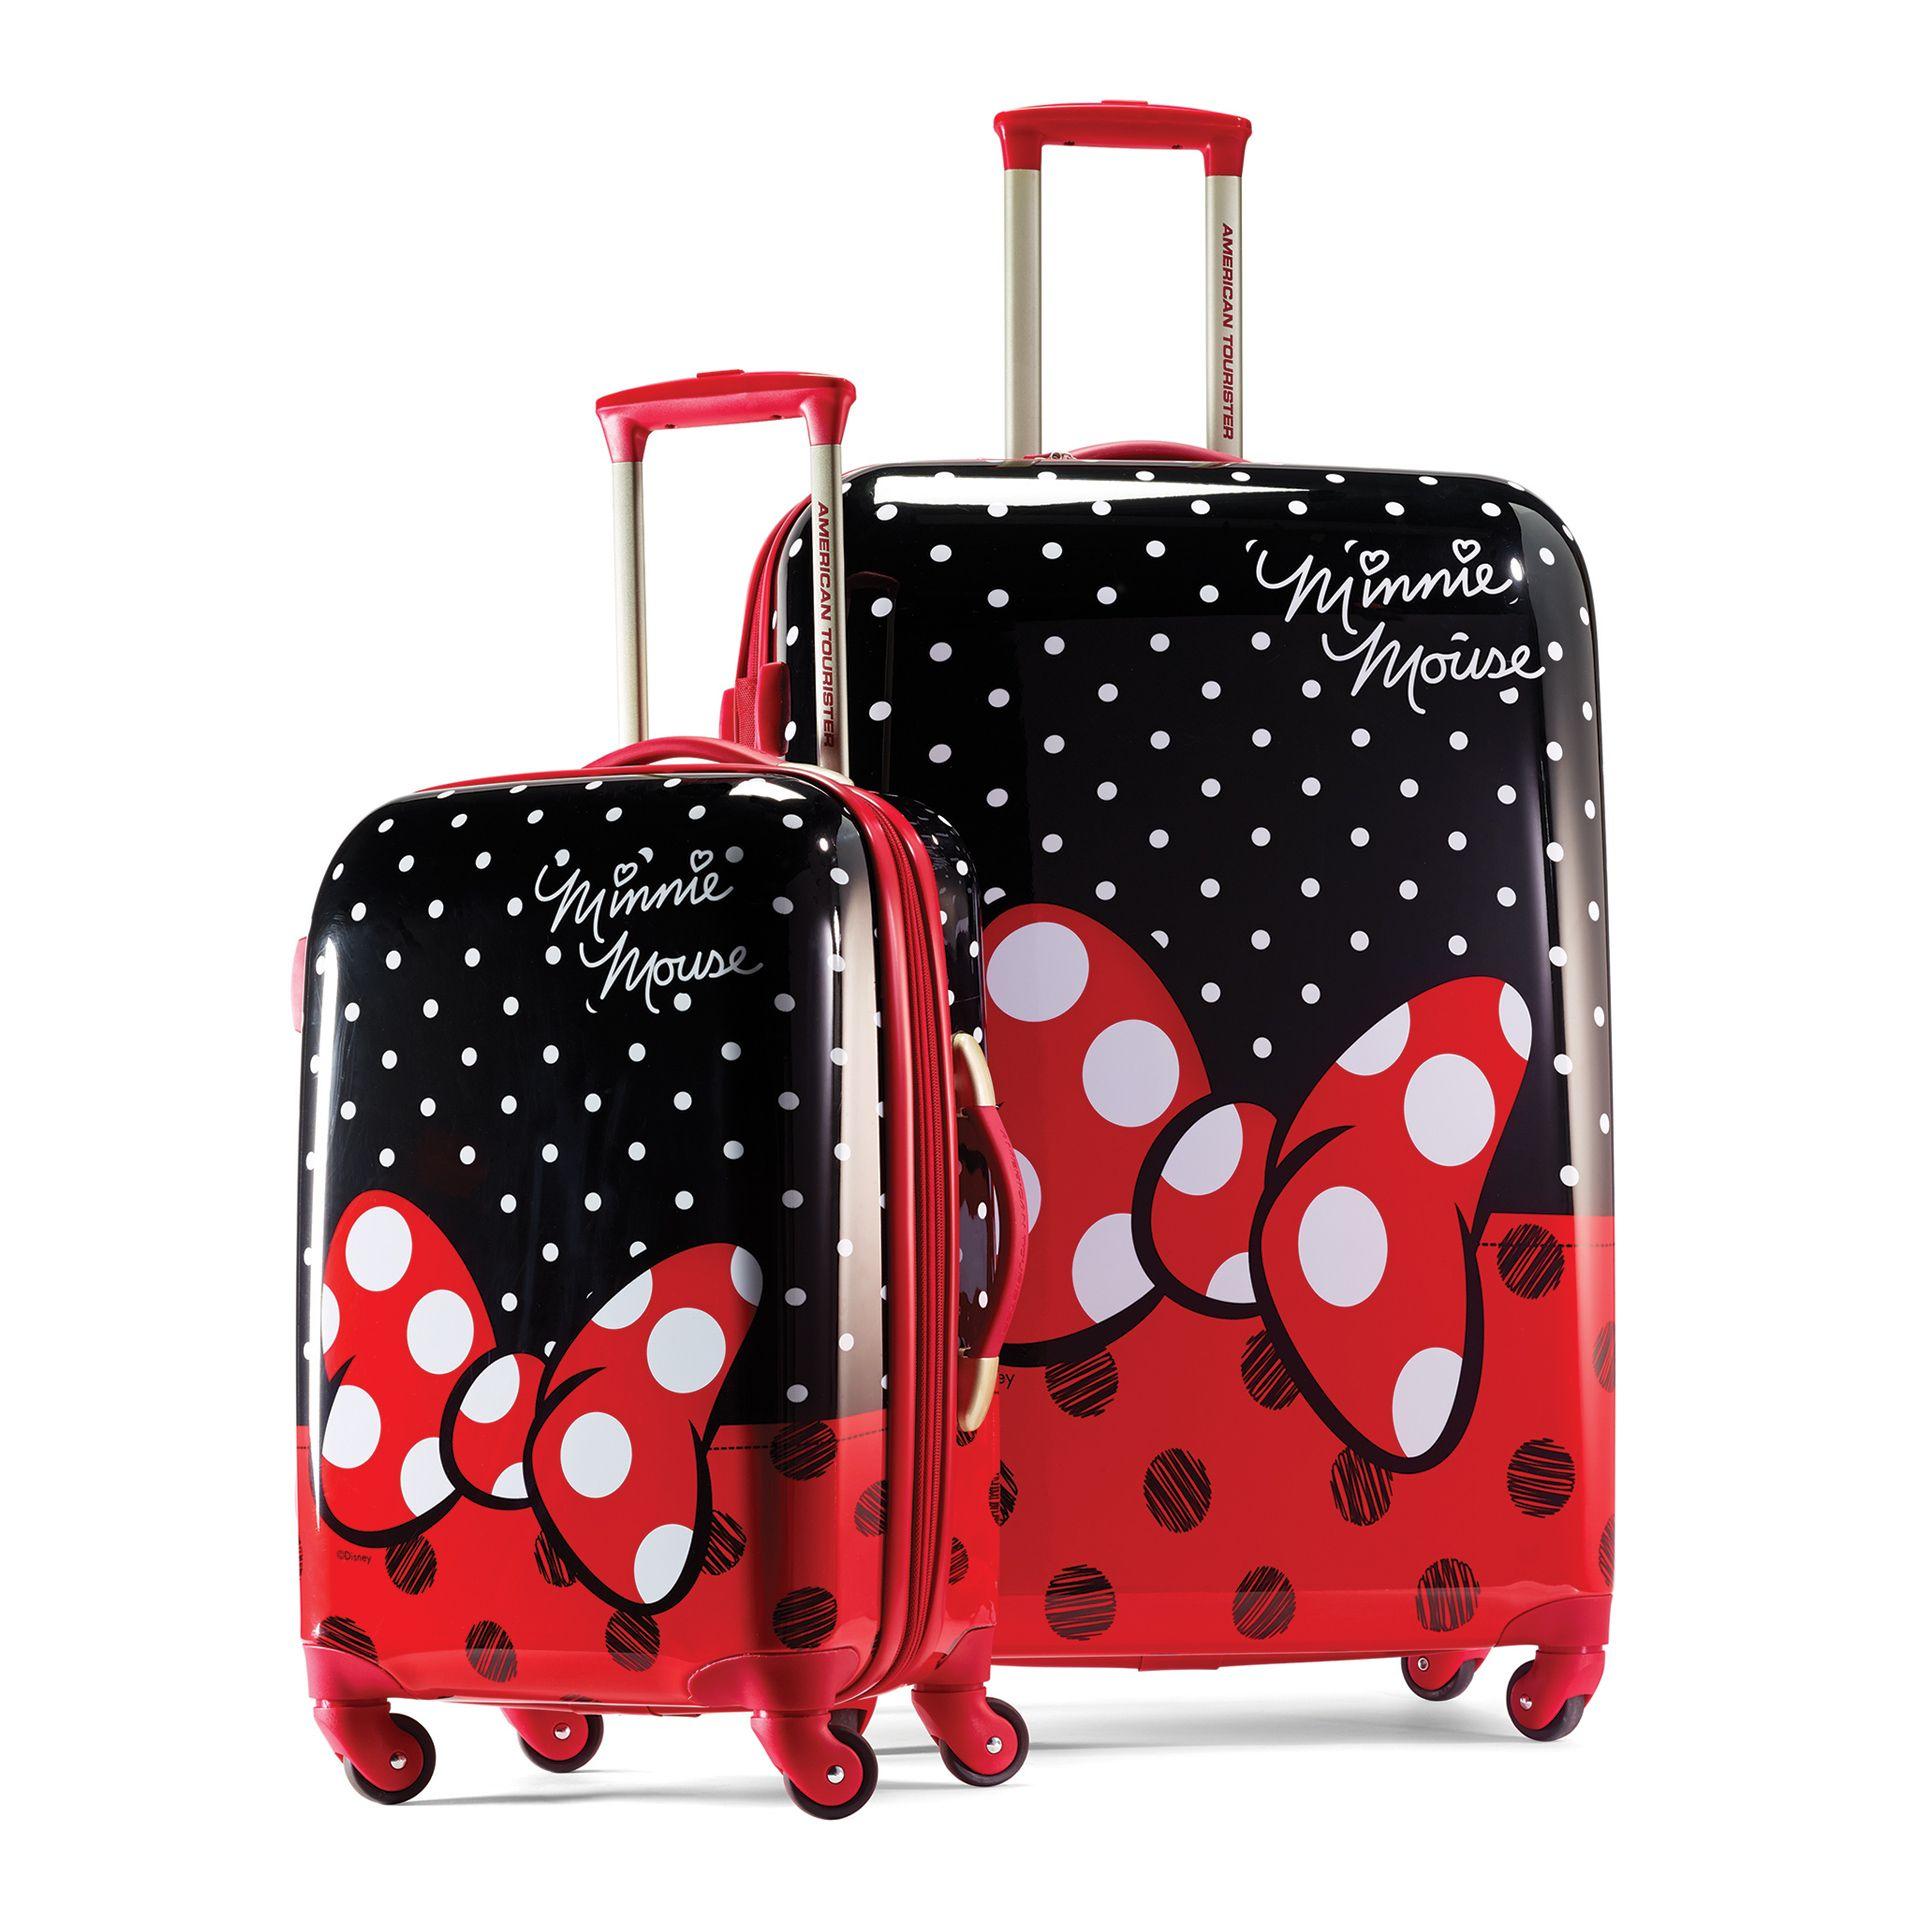 American Tourister Disney Luggage Set For Kids Take A Walk Down - Lightning mcqueen custom vinyl decals for cardisney pixar cars a walk down cars advertising memory lane take